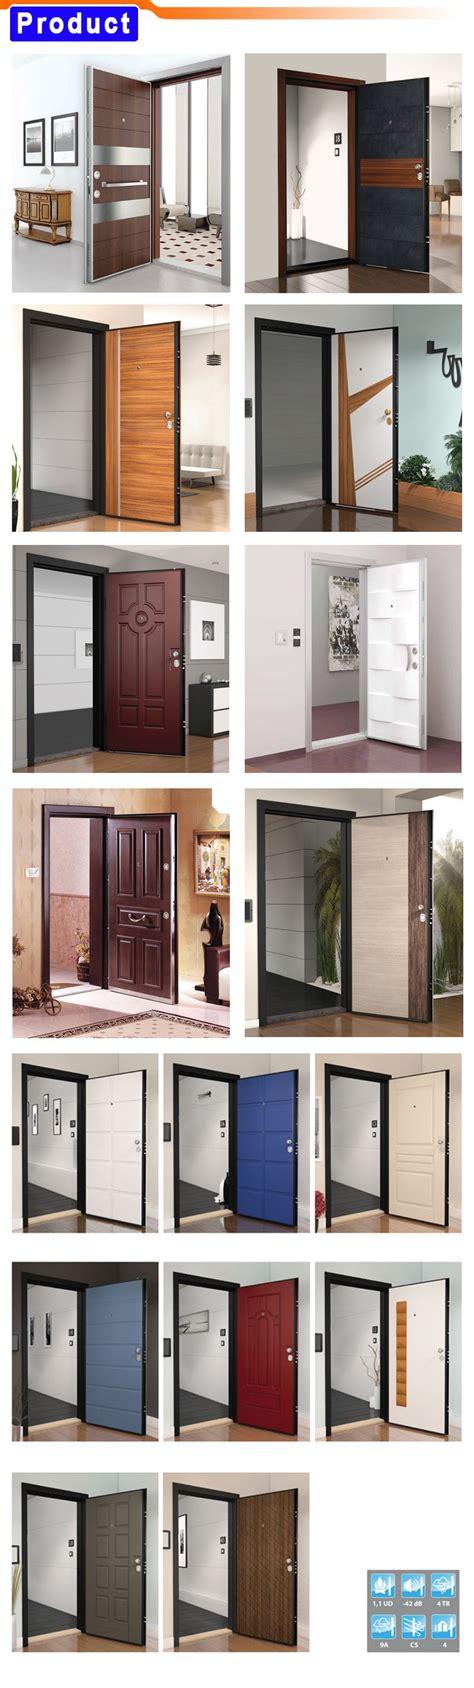 best security doors for front doors best security doors for front doors gates stormproof